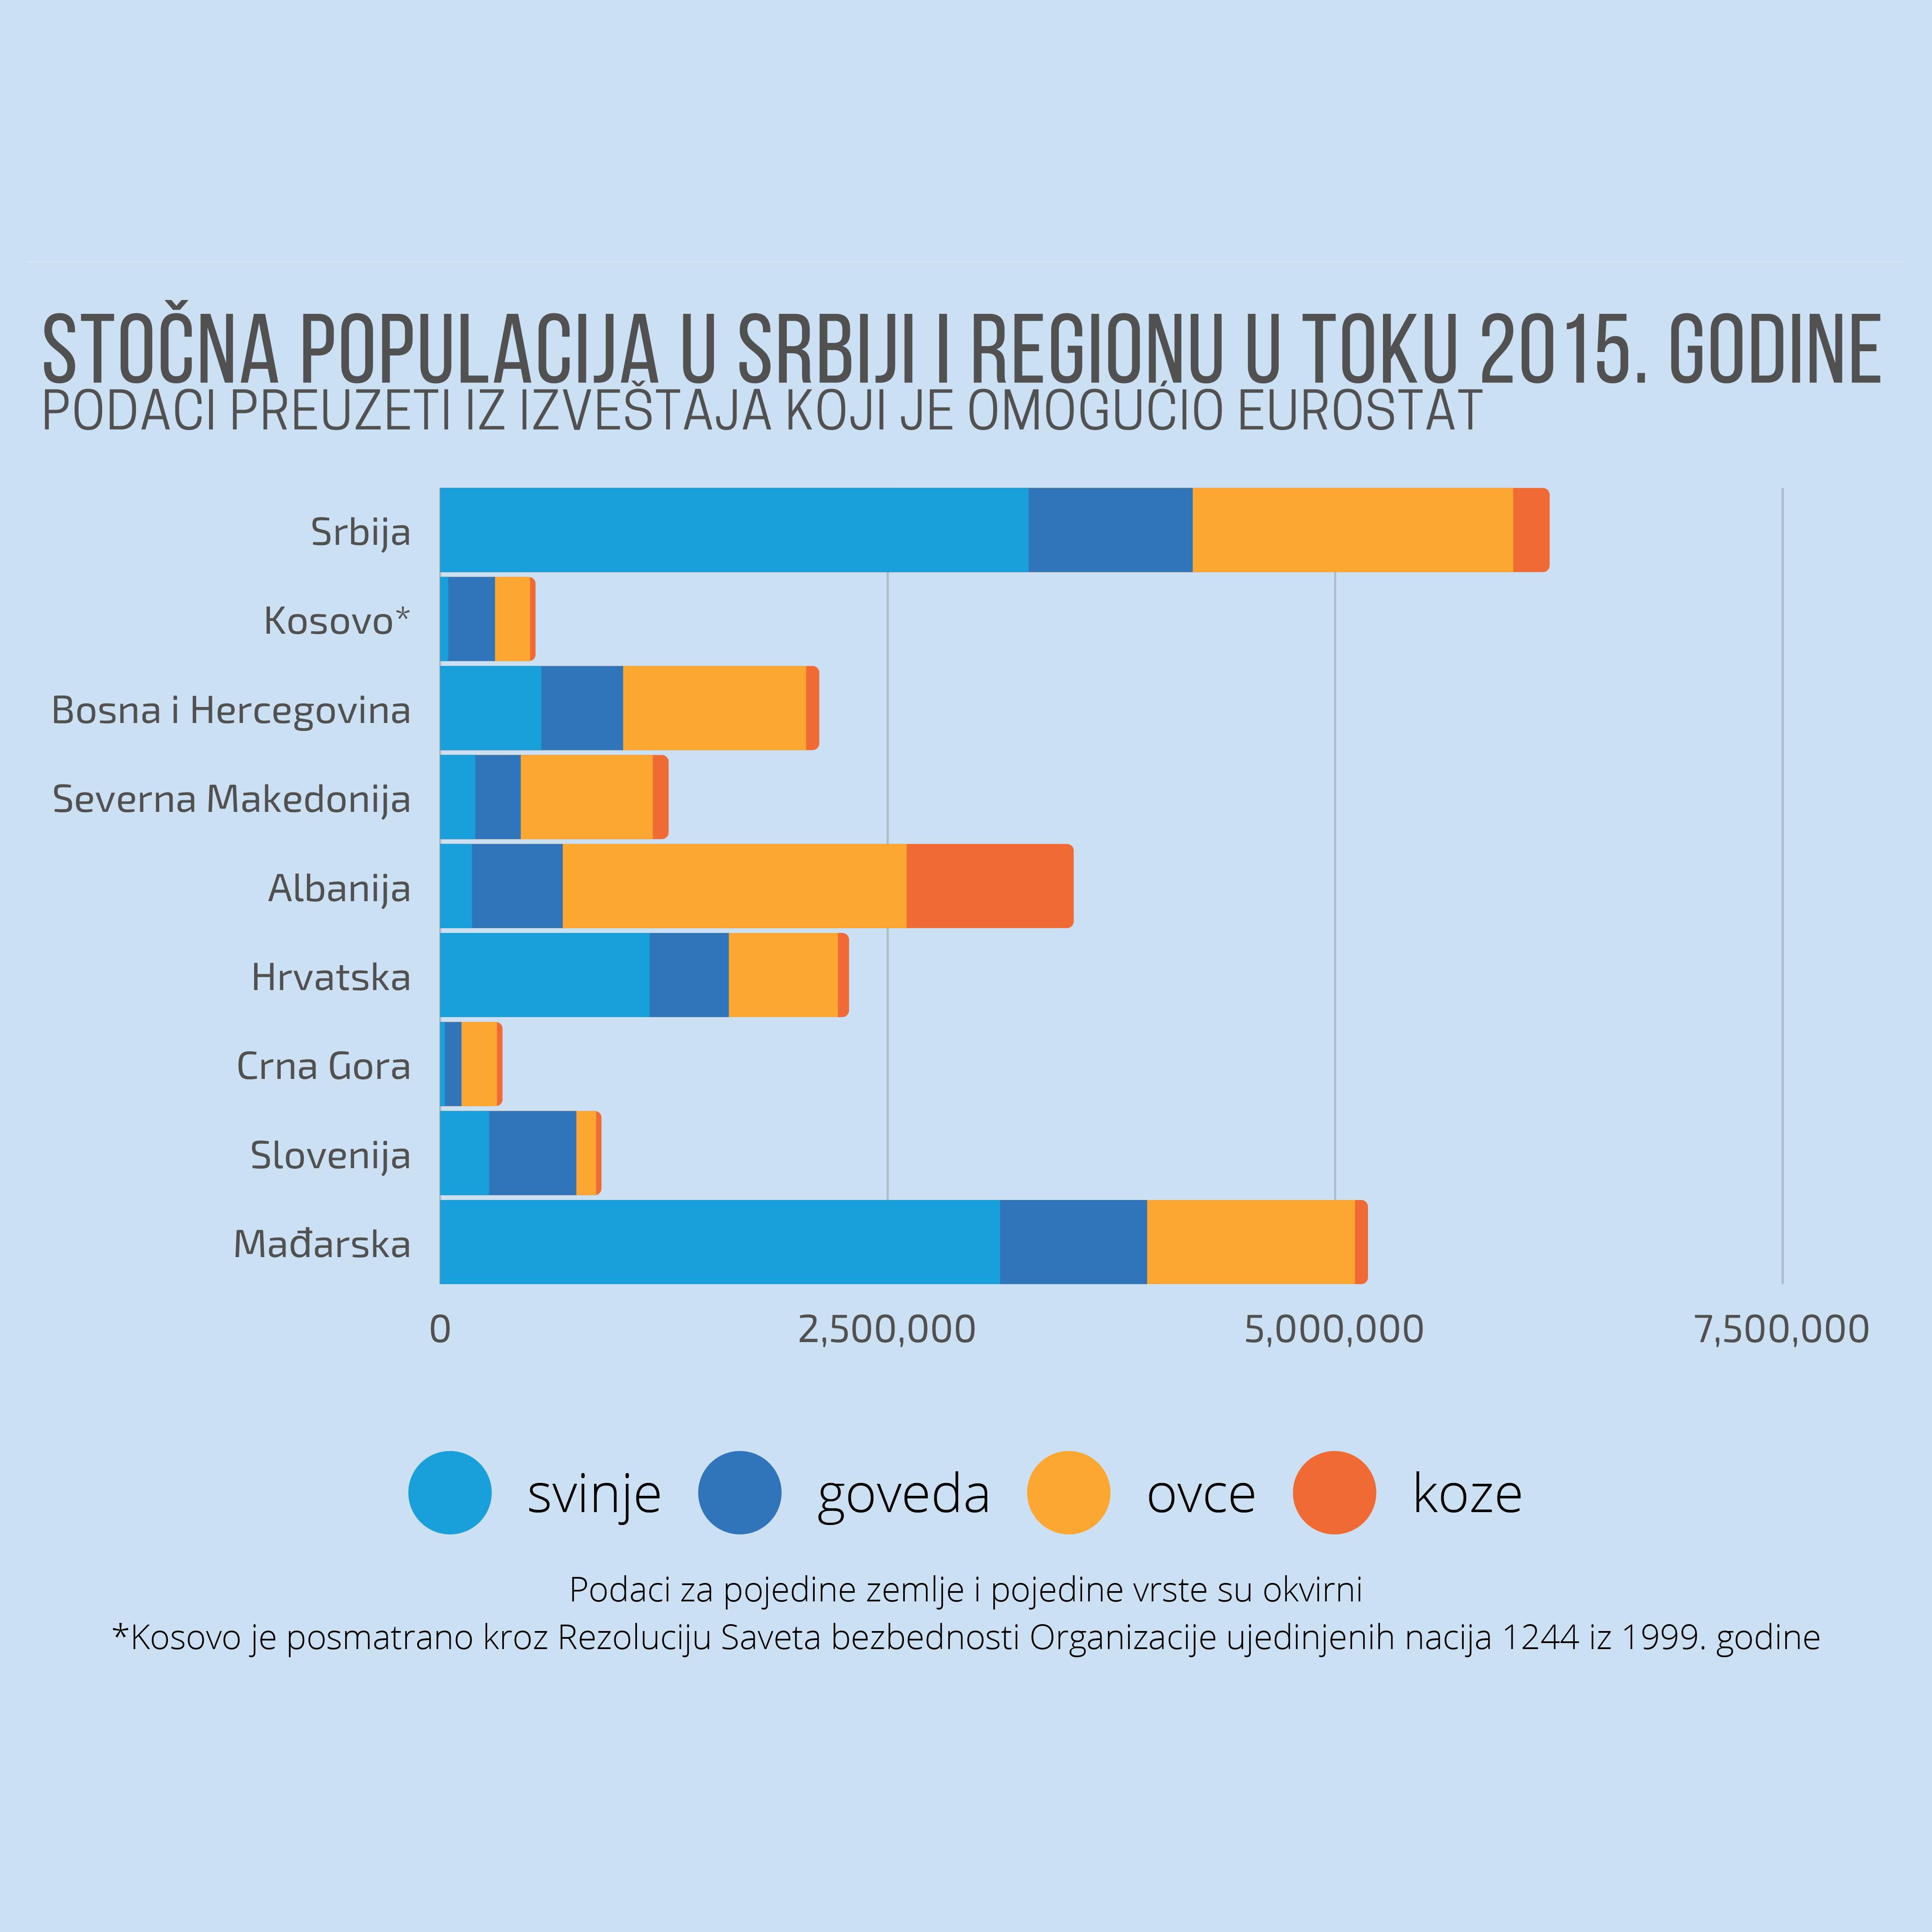 U Srbiji se od stoke najviše uzgajaju svinje 5